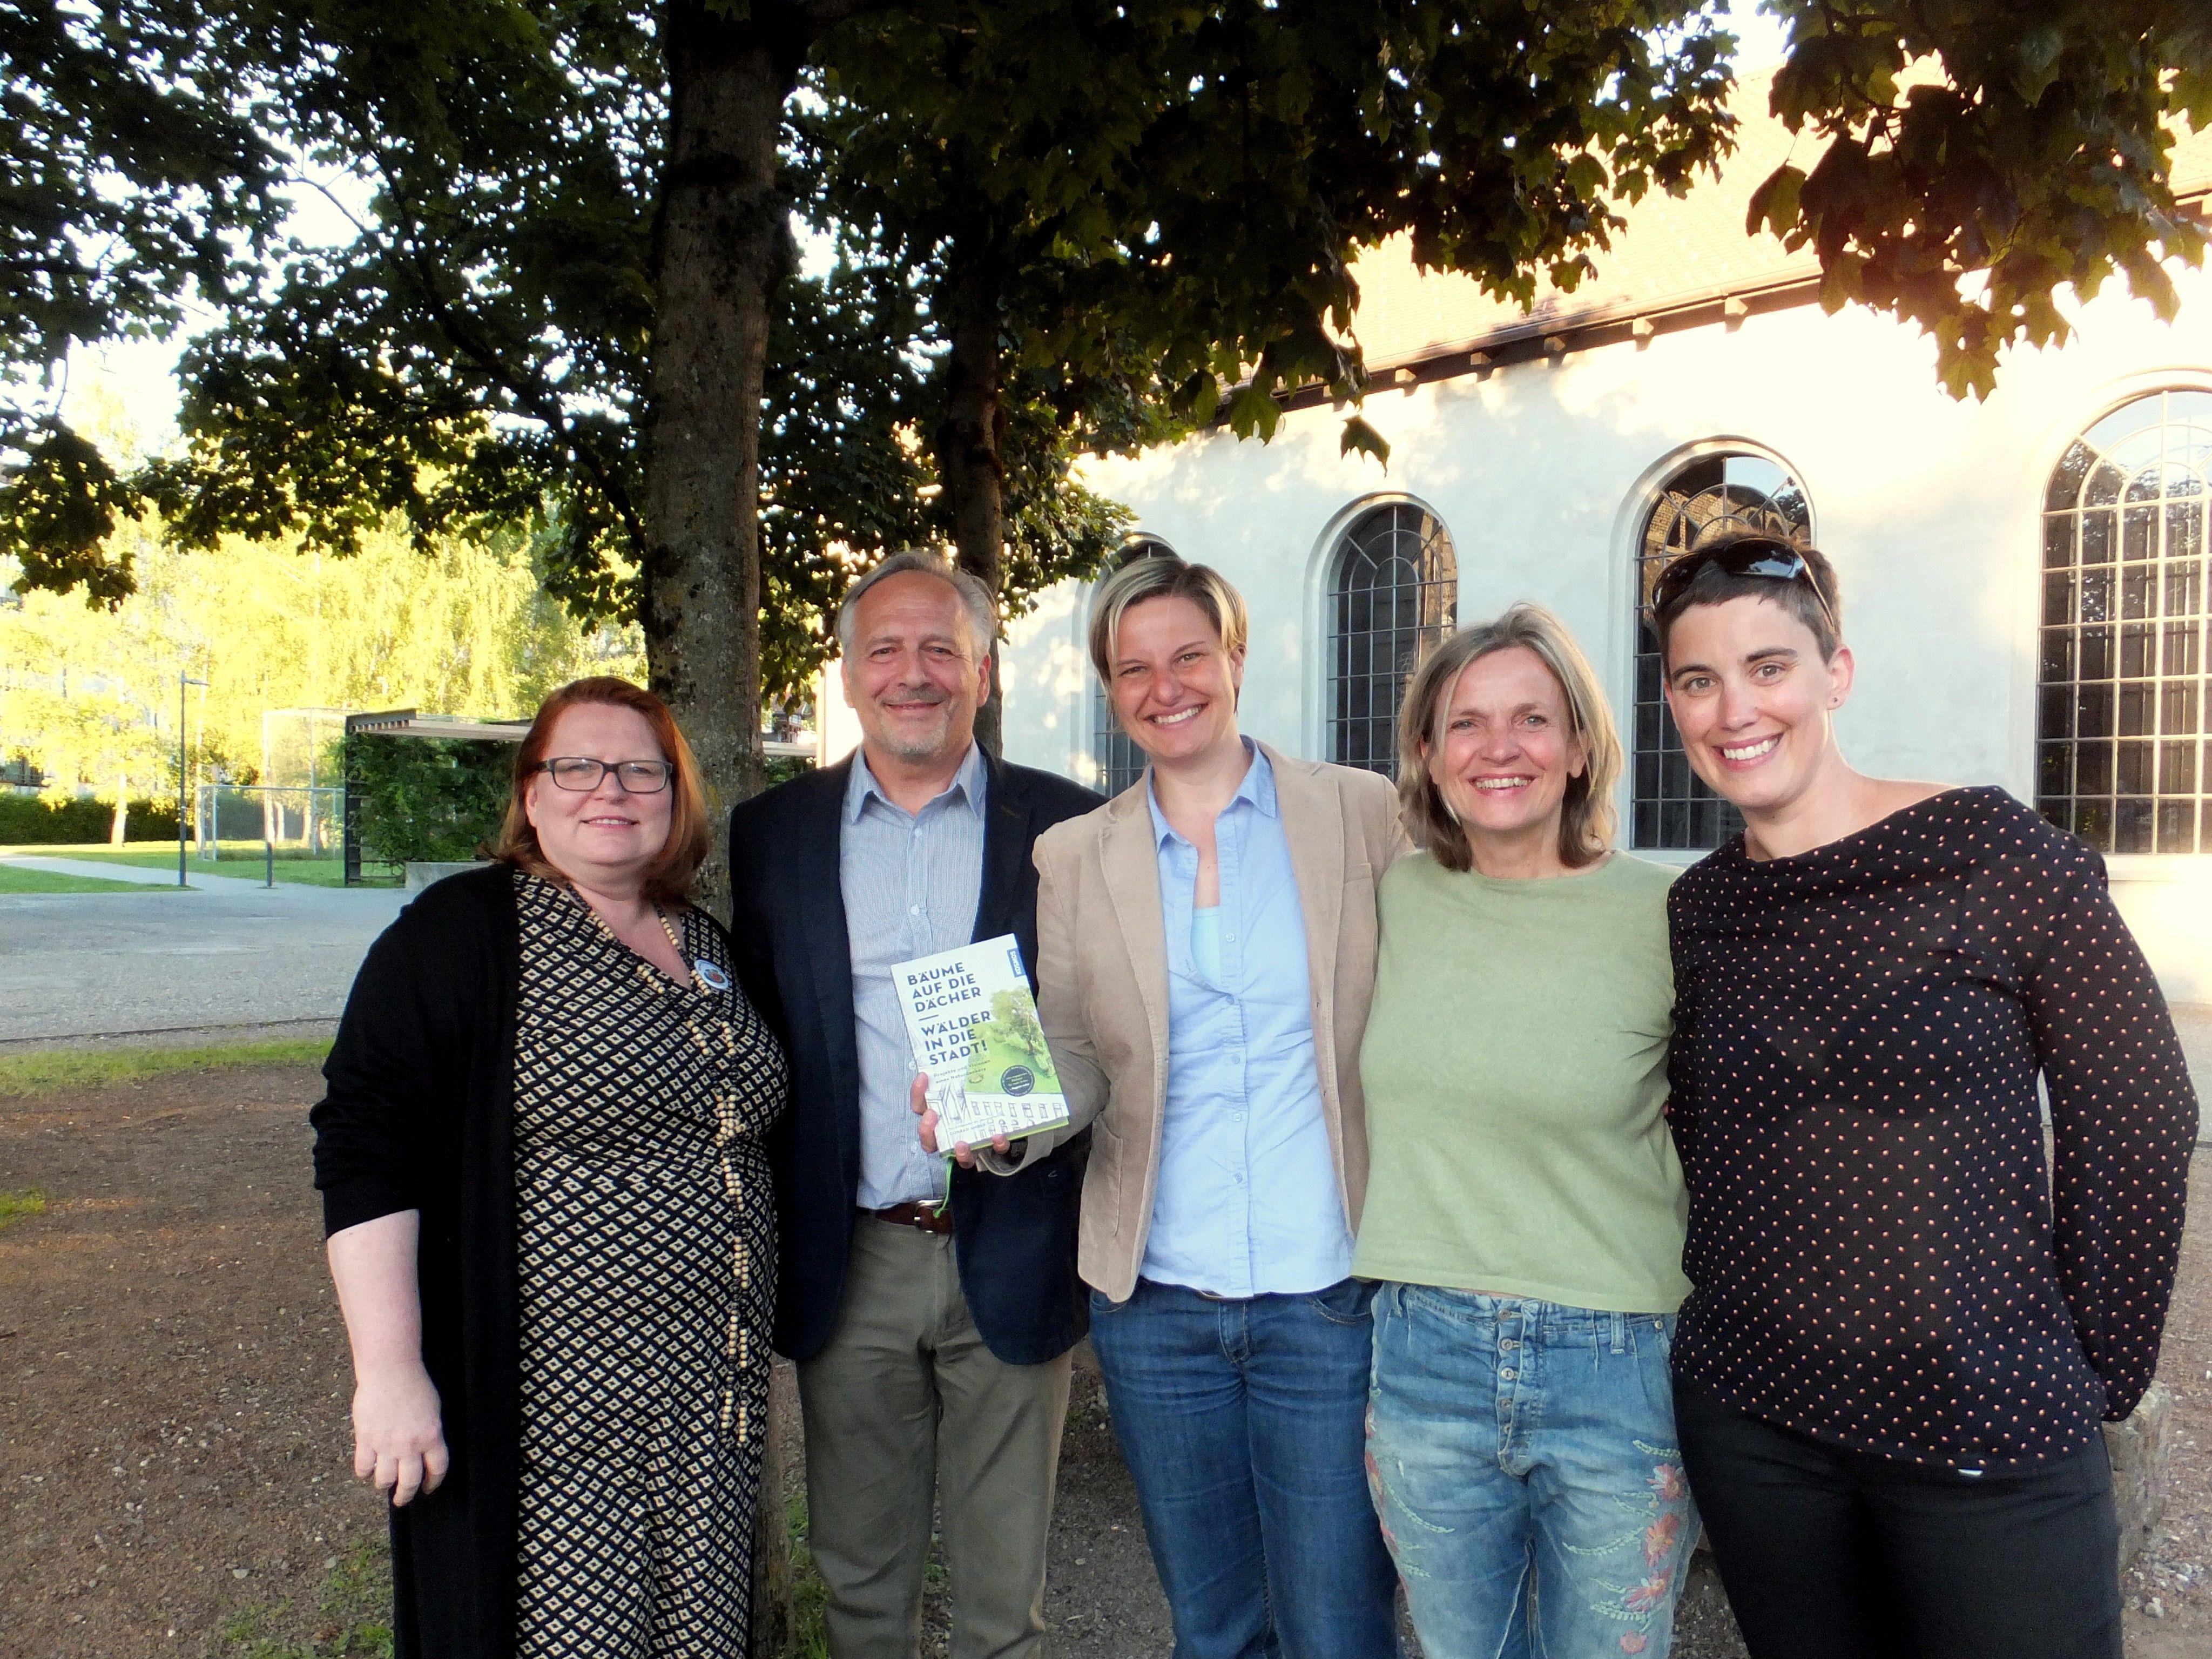 Susanne Hagspiel (Öko-Profit) mit Buchautor Conrad Amber, Ruth Swoboda (inatura), Christiane Machold (Naturvielfalt in den Gemeinden) und JuliaWeger (Öko-Profit)